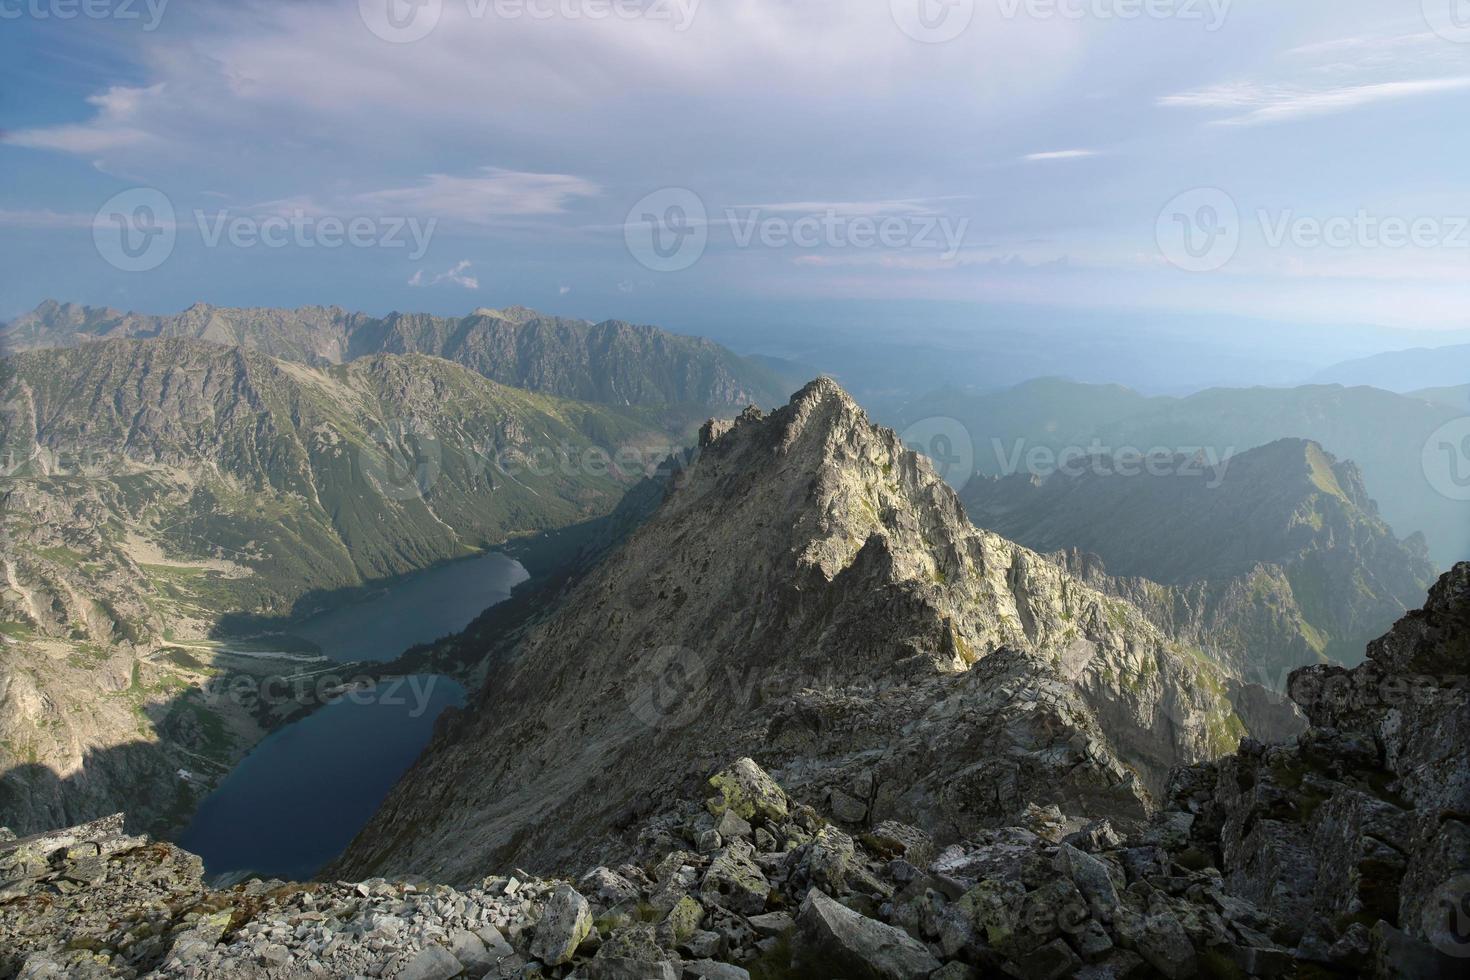 der Blick von oben in die Tatra Berge foto